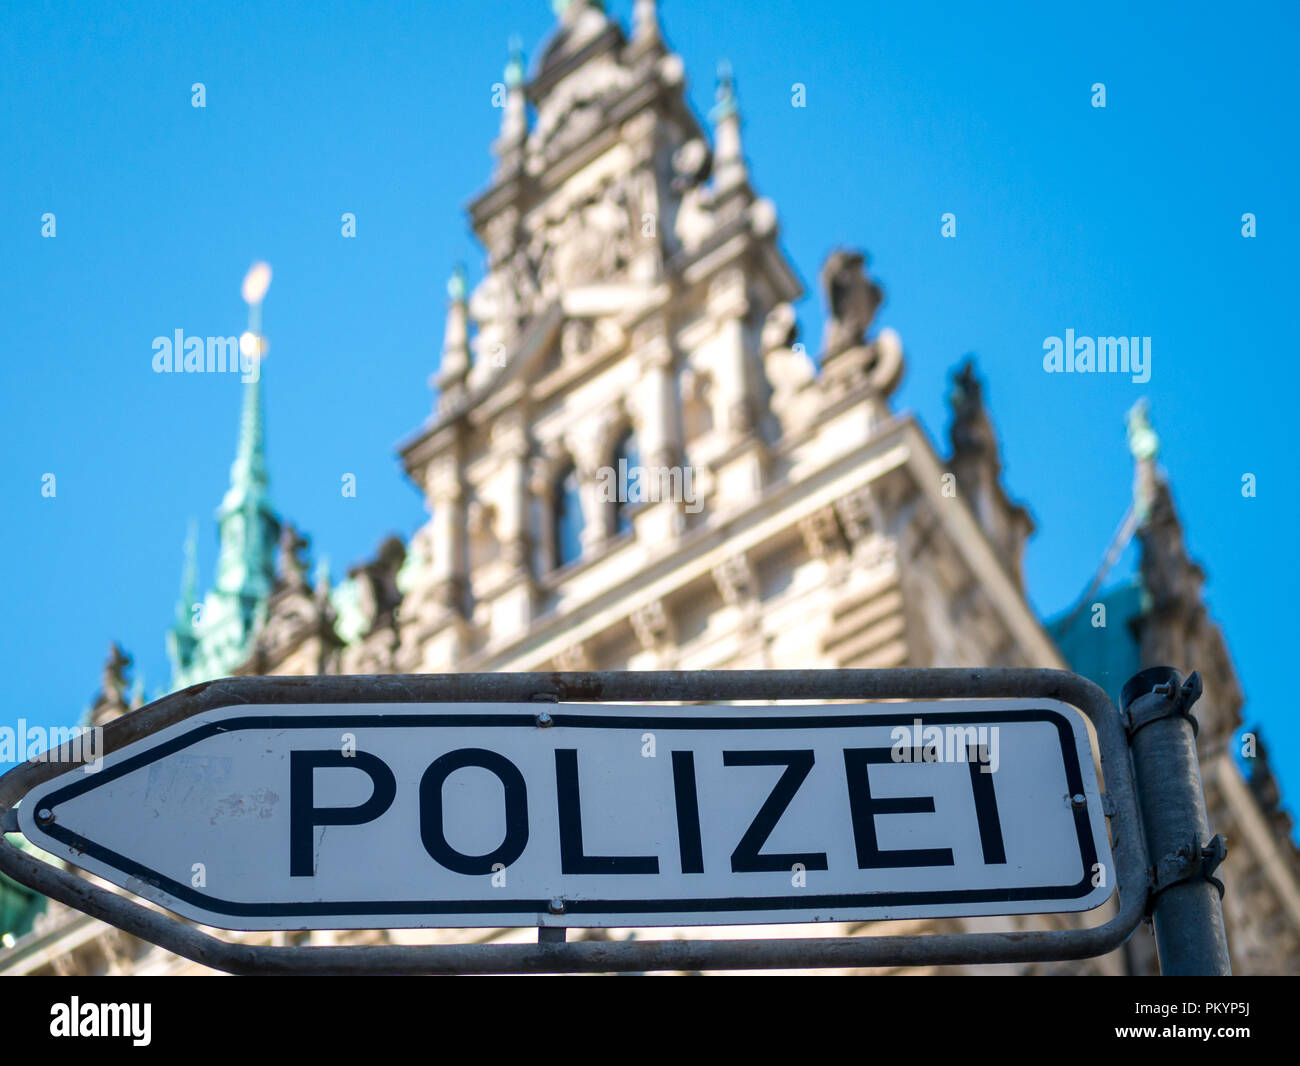 Polizei Hinweis Schild vor verschwommenem Hintergrund der Türme des Hinterhofs des Rathauses Hamburg bei blauem Himmel bei Tageslicht. - Stock Image